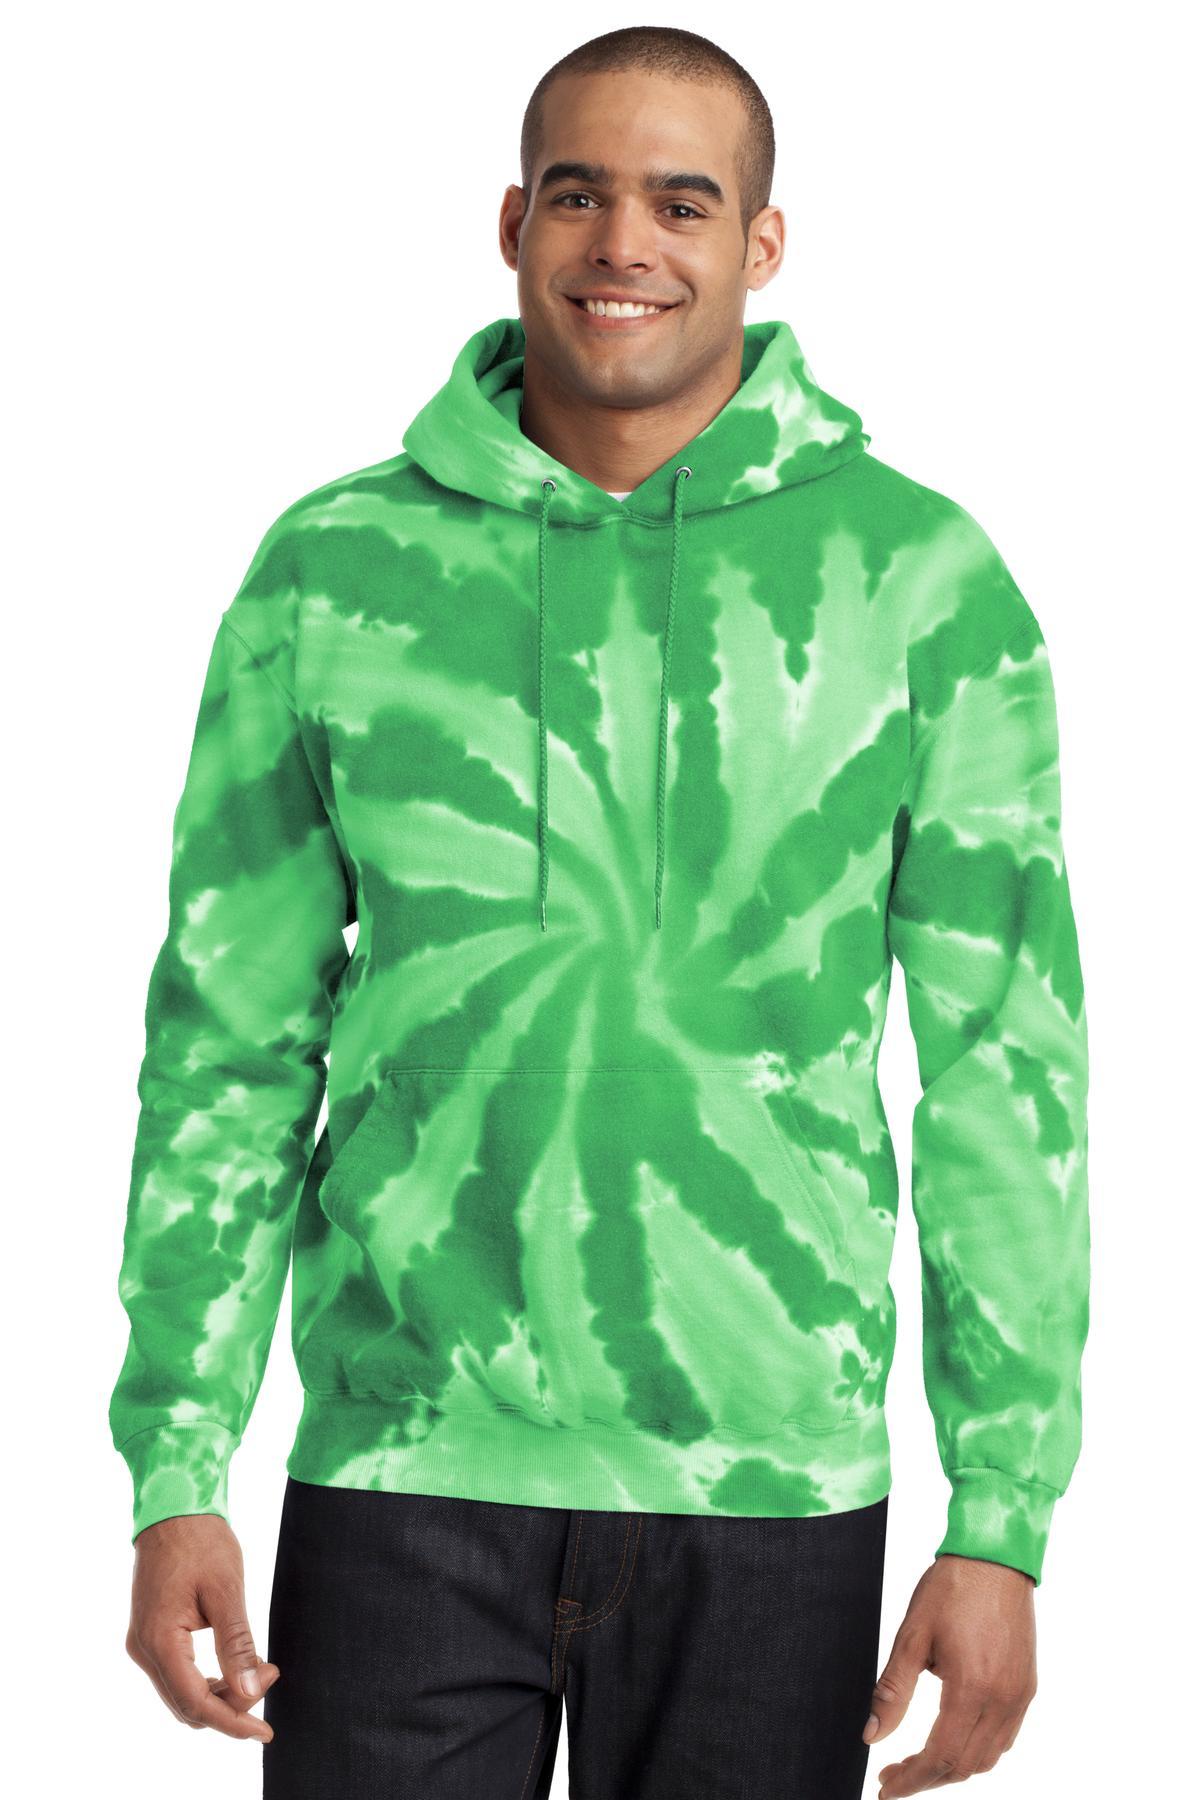 Sweatshirts-Fleece-Hooded-50